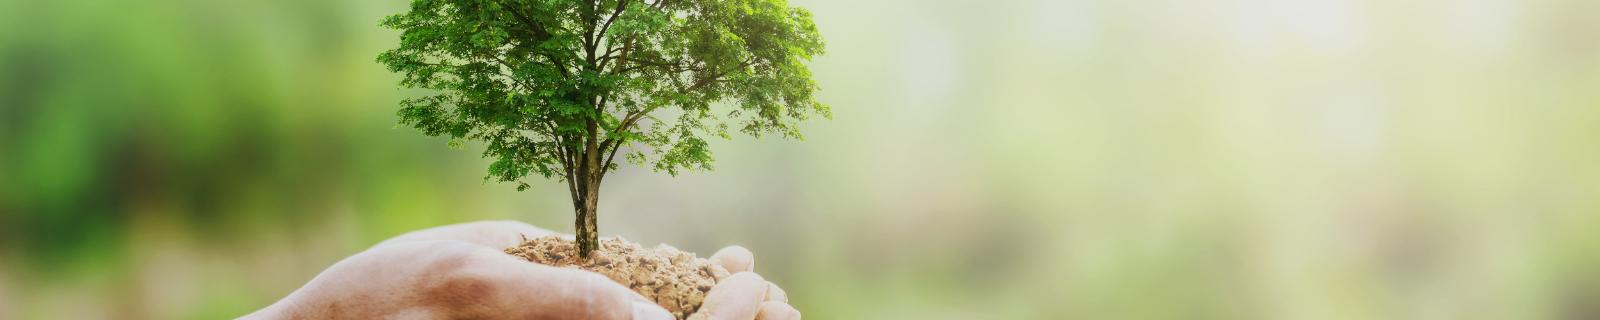 Unser Engagement für die Umwelt